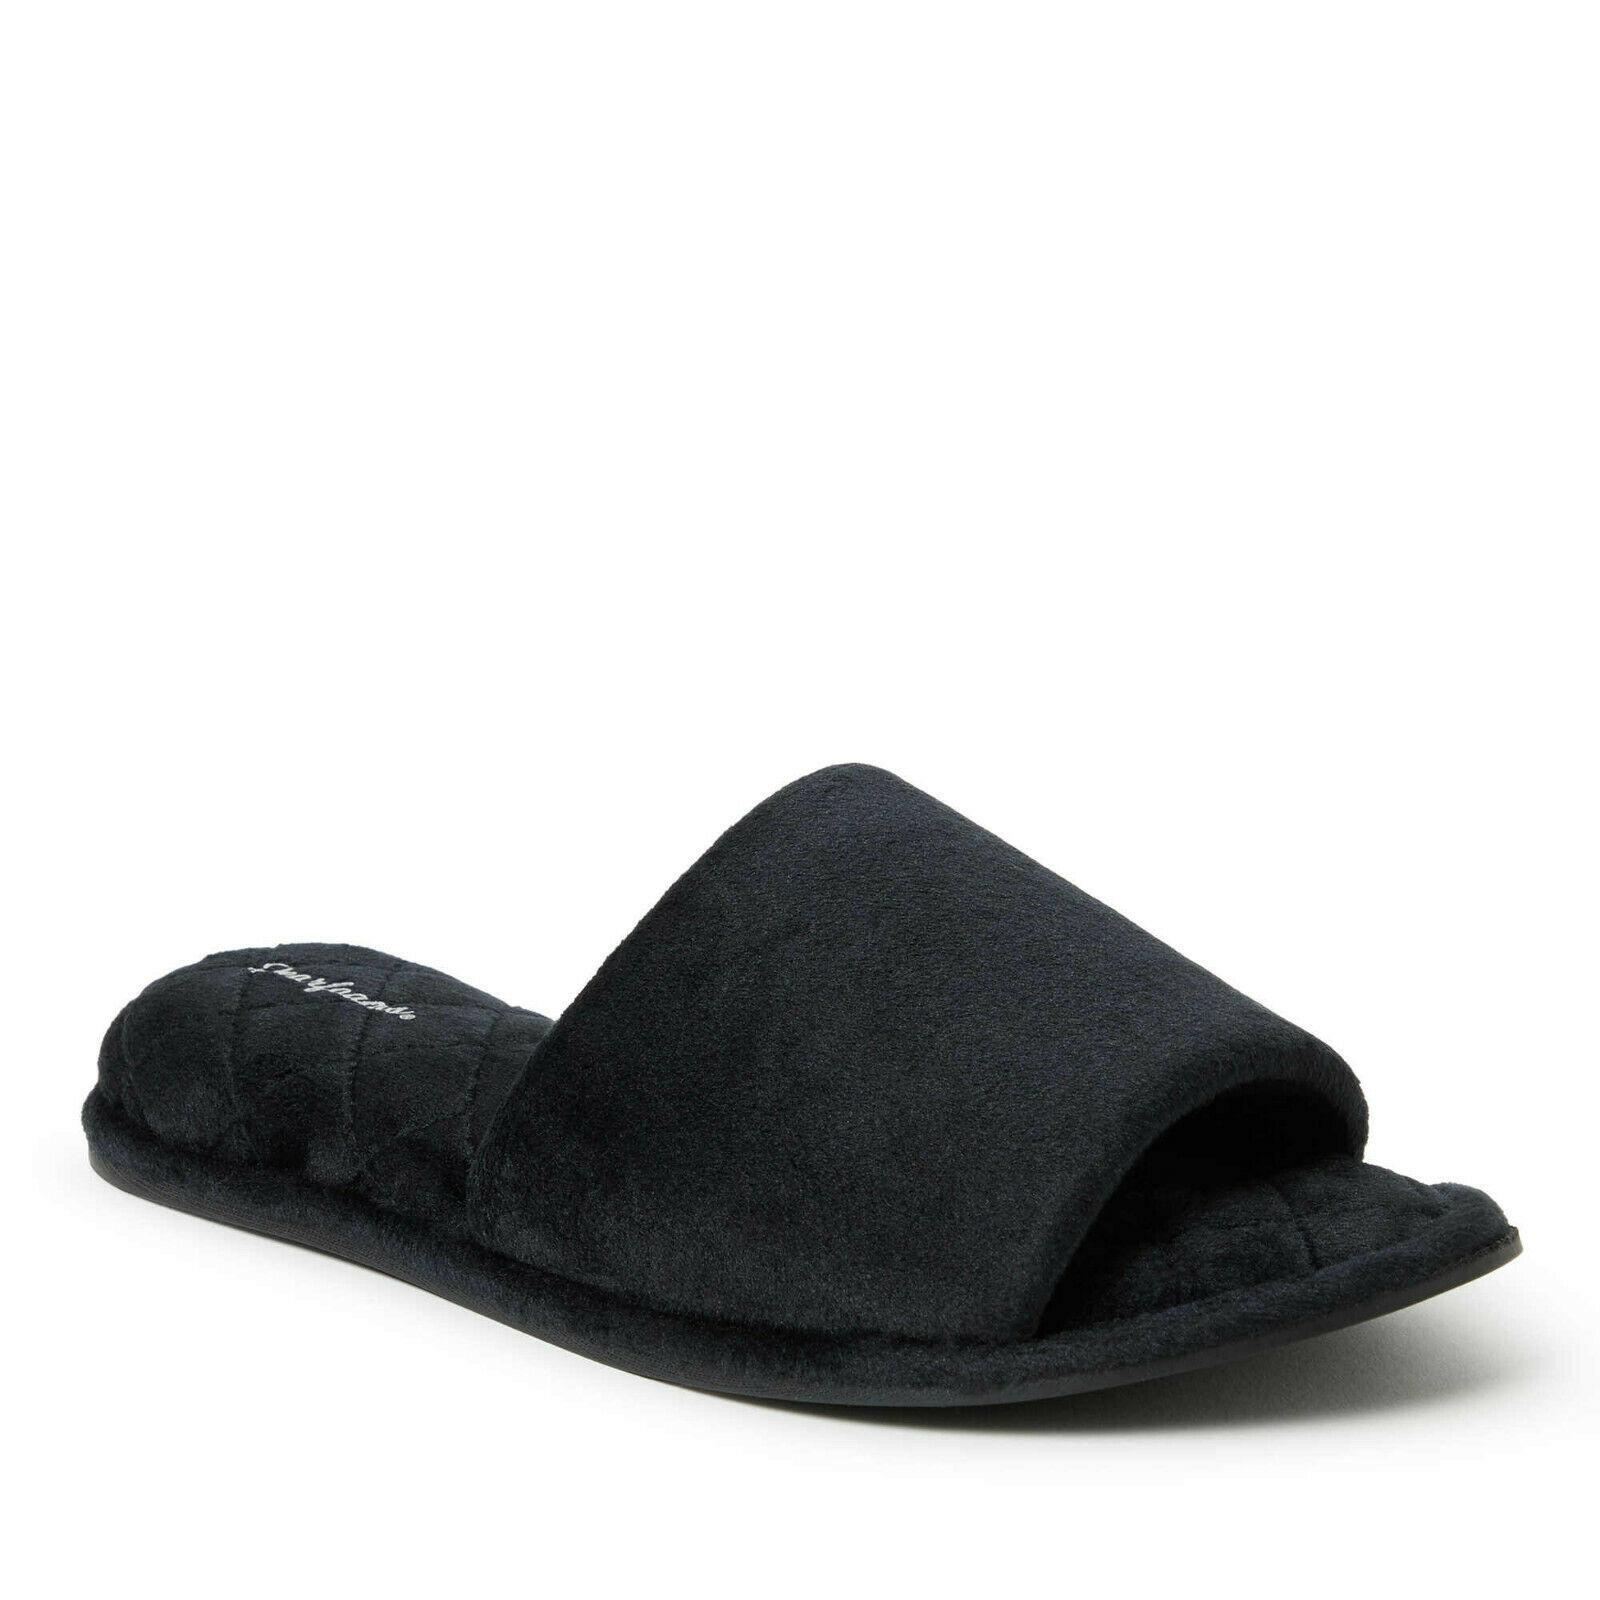 Dearfoams Women's Velour Black Side Gore Size XLarge - $19.79